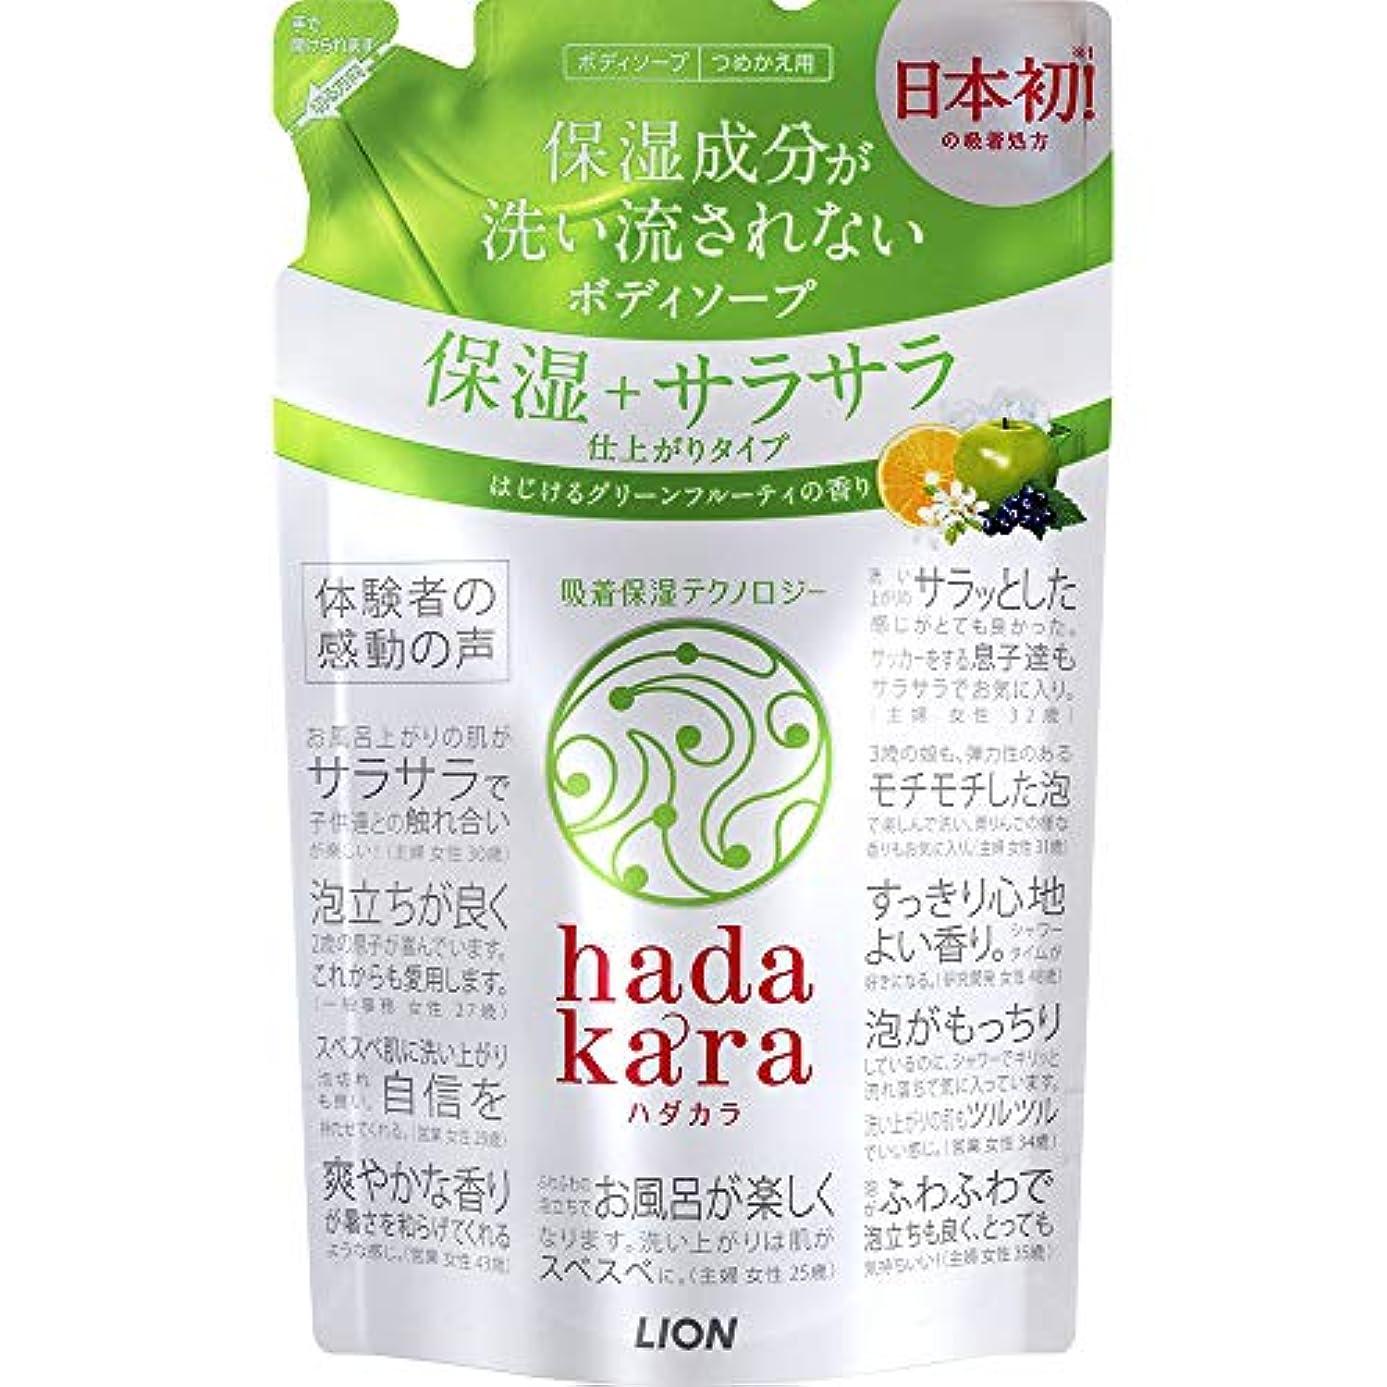 料理をするアルファベットベテランhadakara(ハダカラ) ボディソープ 保湿+サラサラ仕上がりタイプ グリーンフルーティの香り 詰め替え 340ml